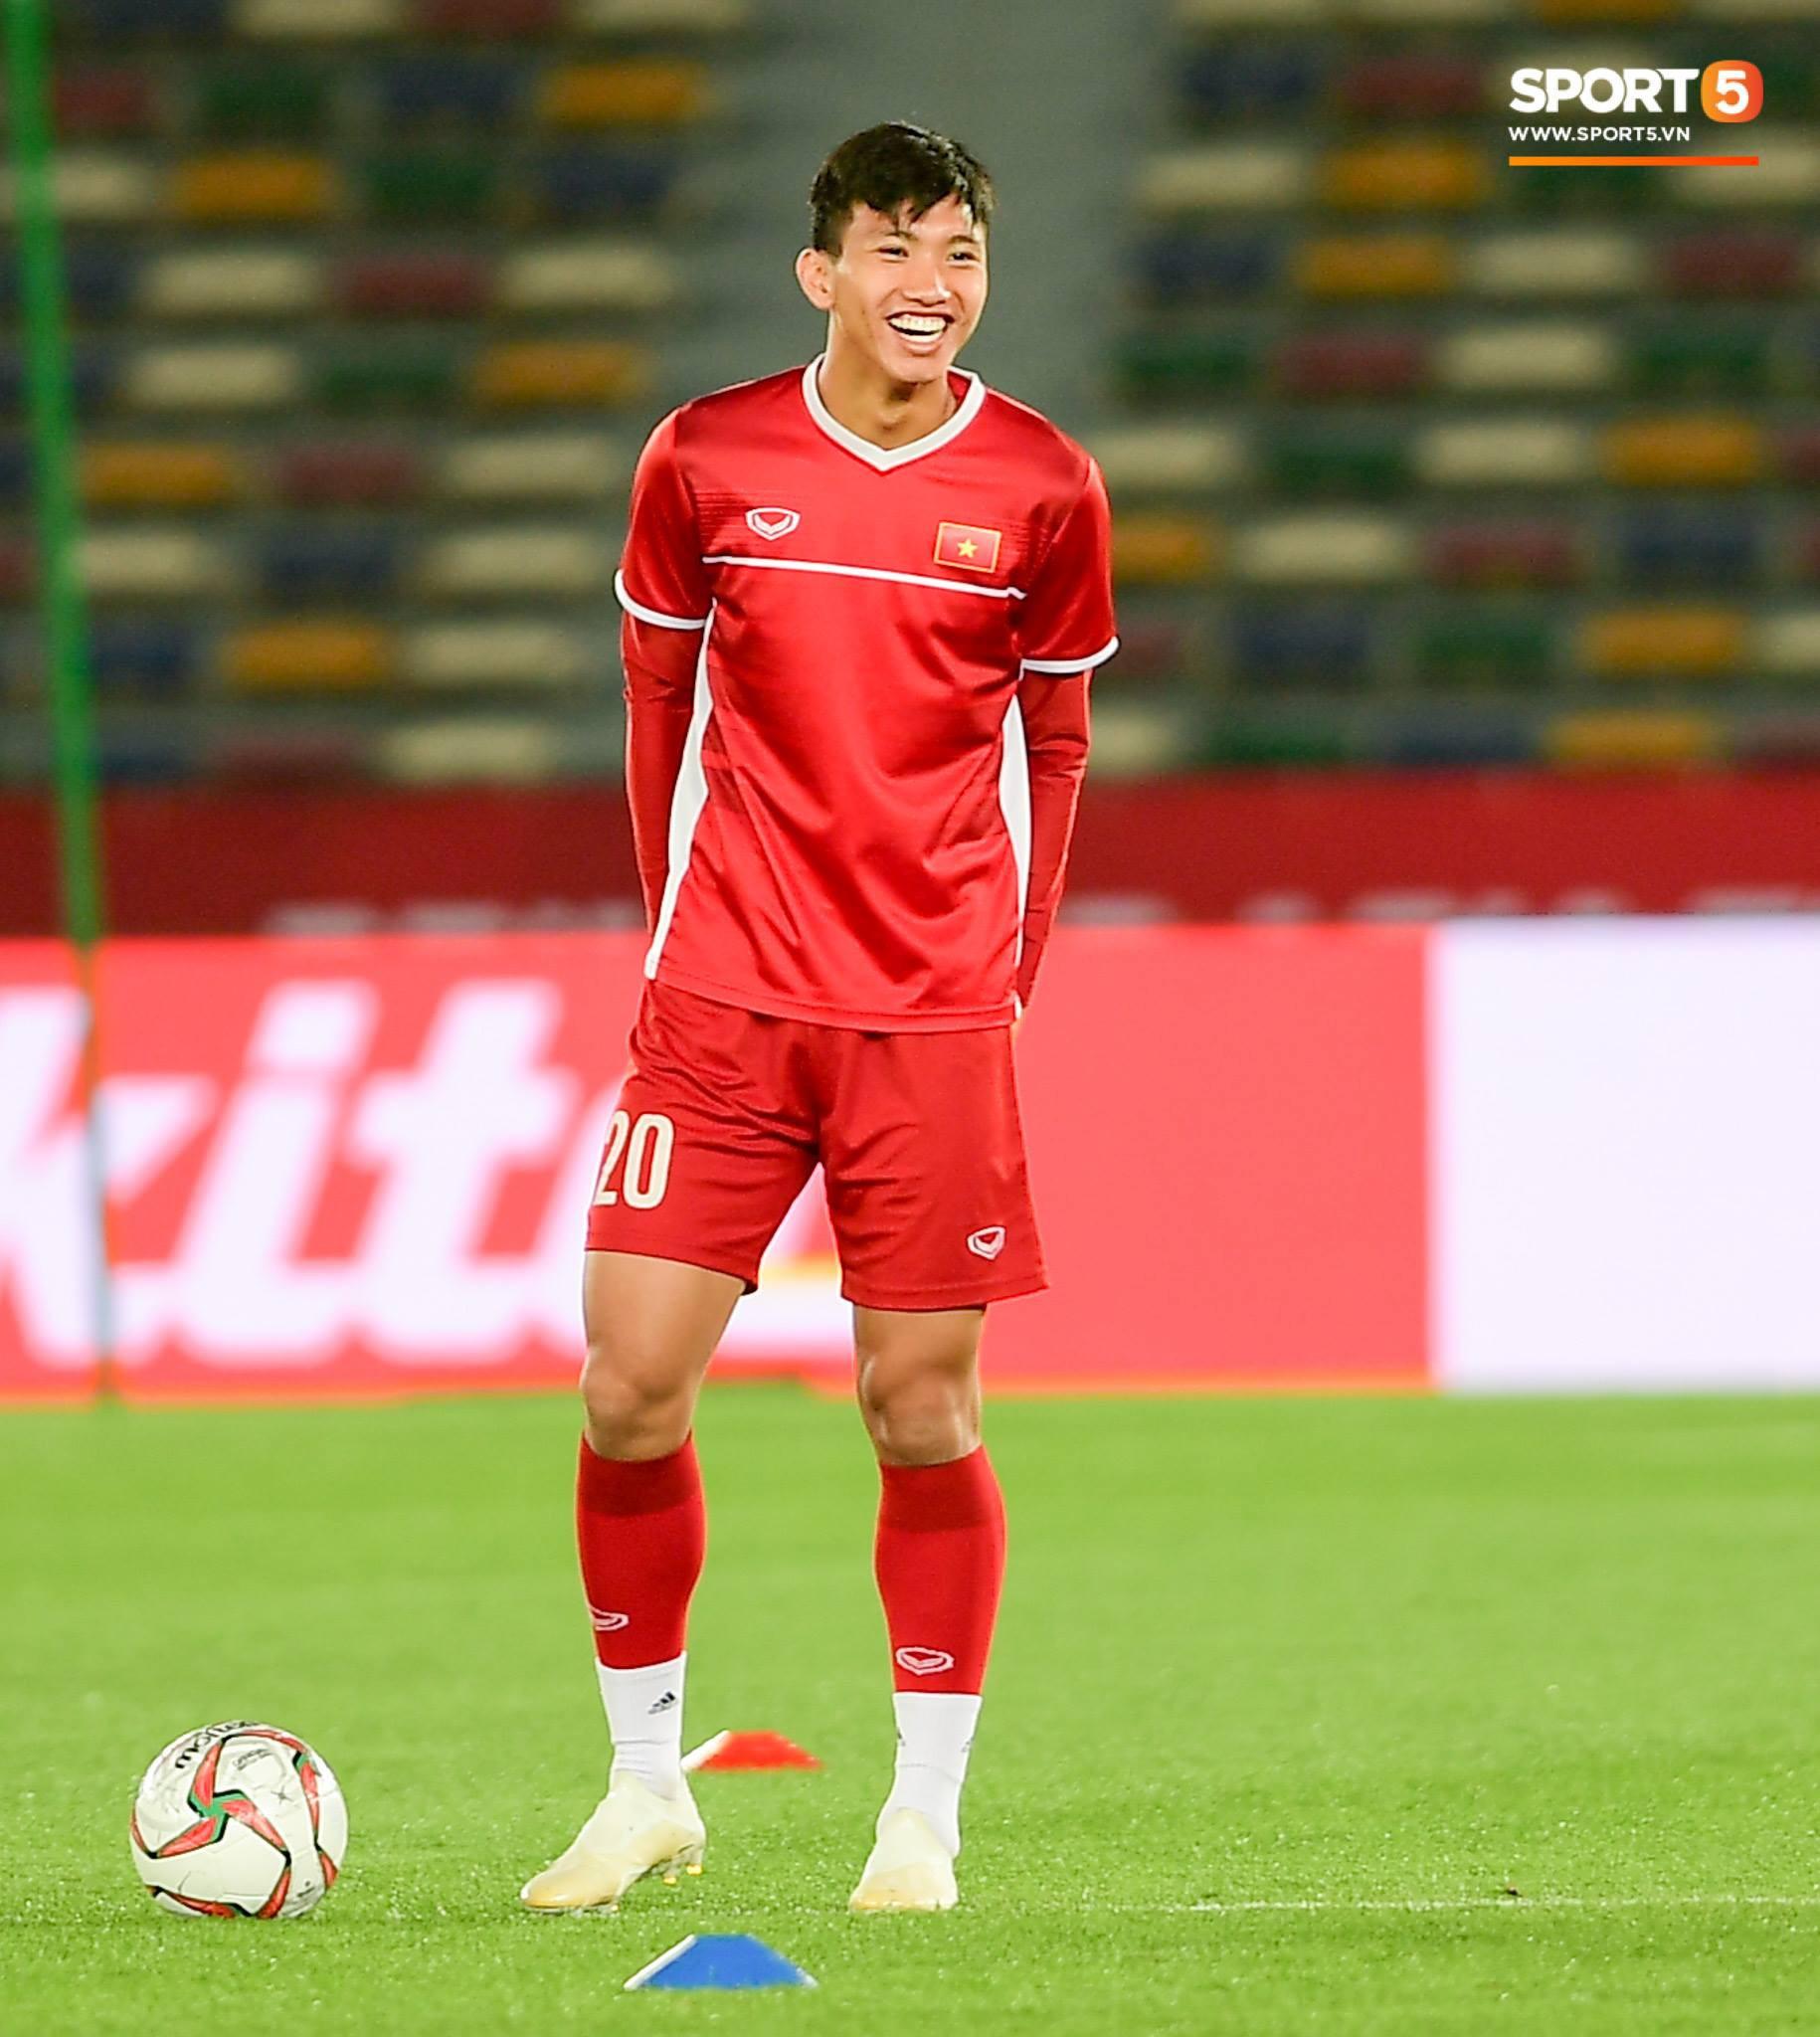 Công Phượng, Văn Hậu cười tít mắt trên sân đấu đẹp như mơ tại UAE - Ảnh 5.